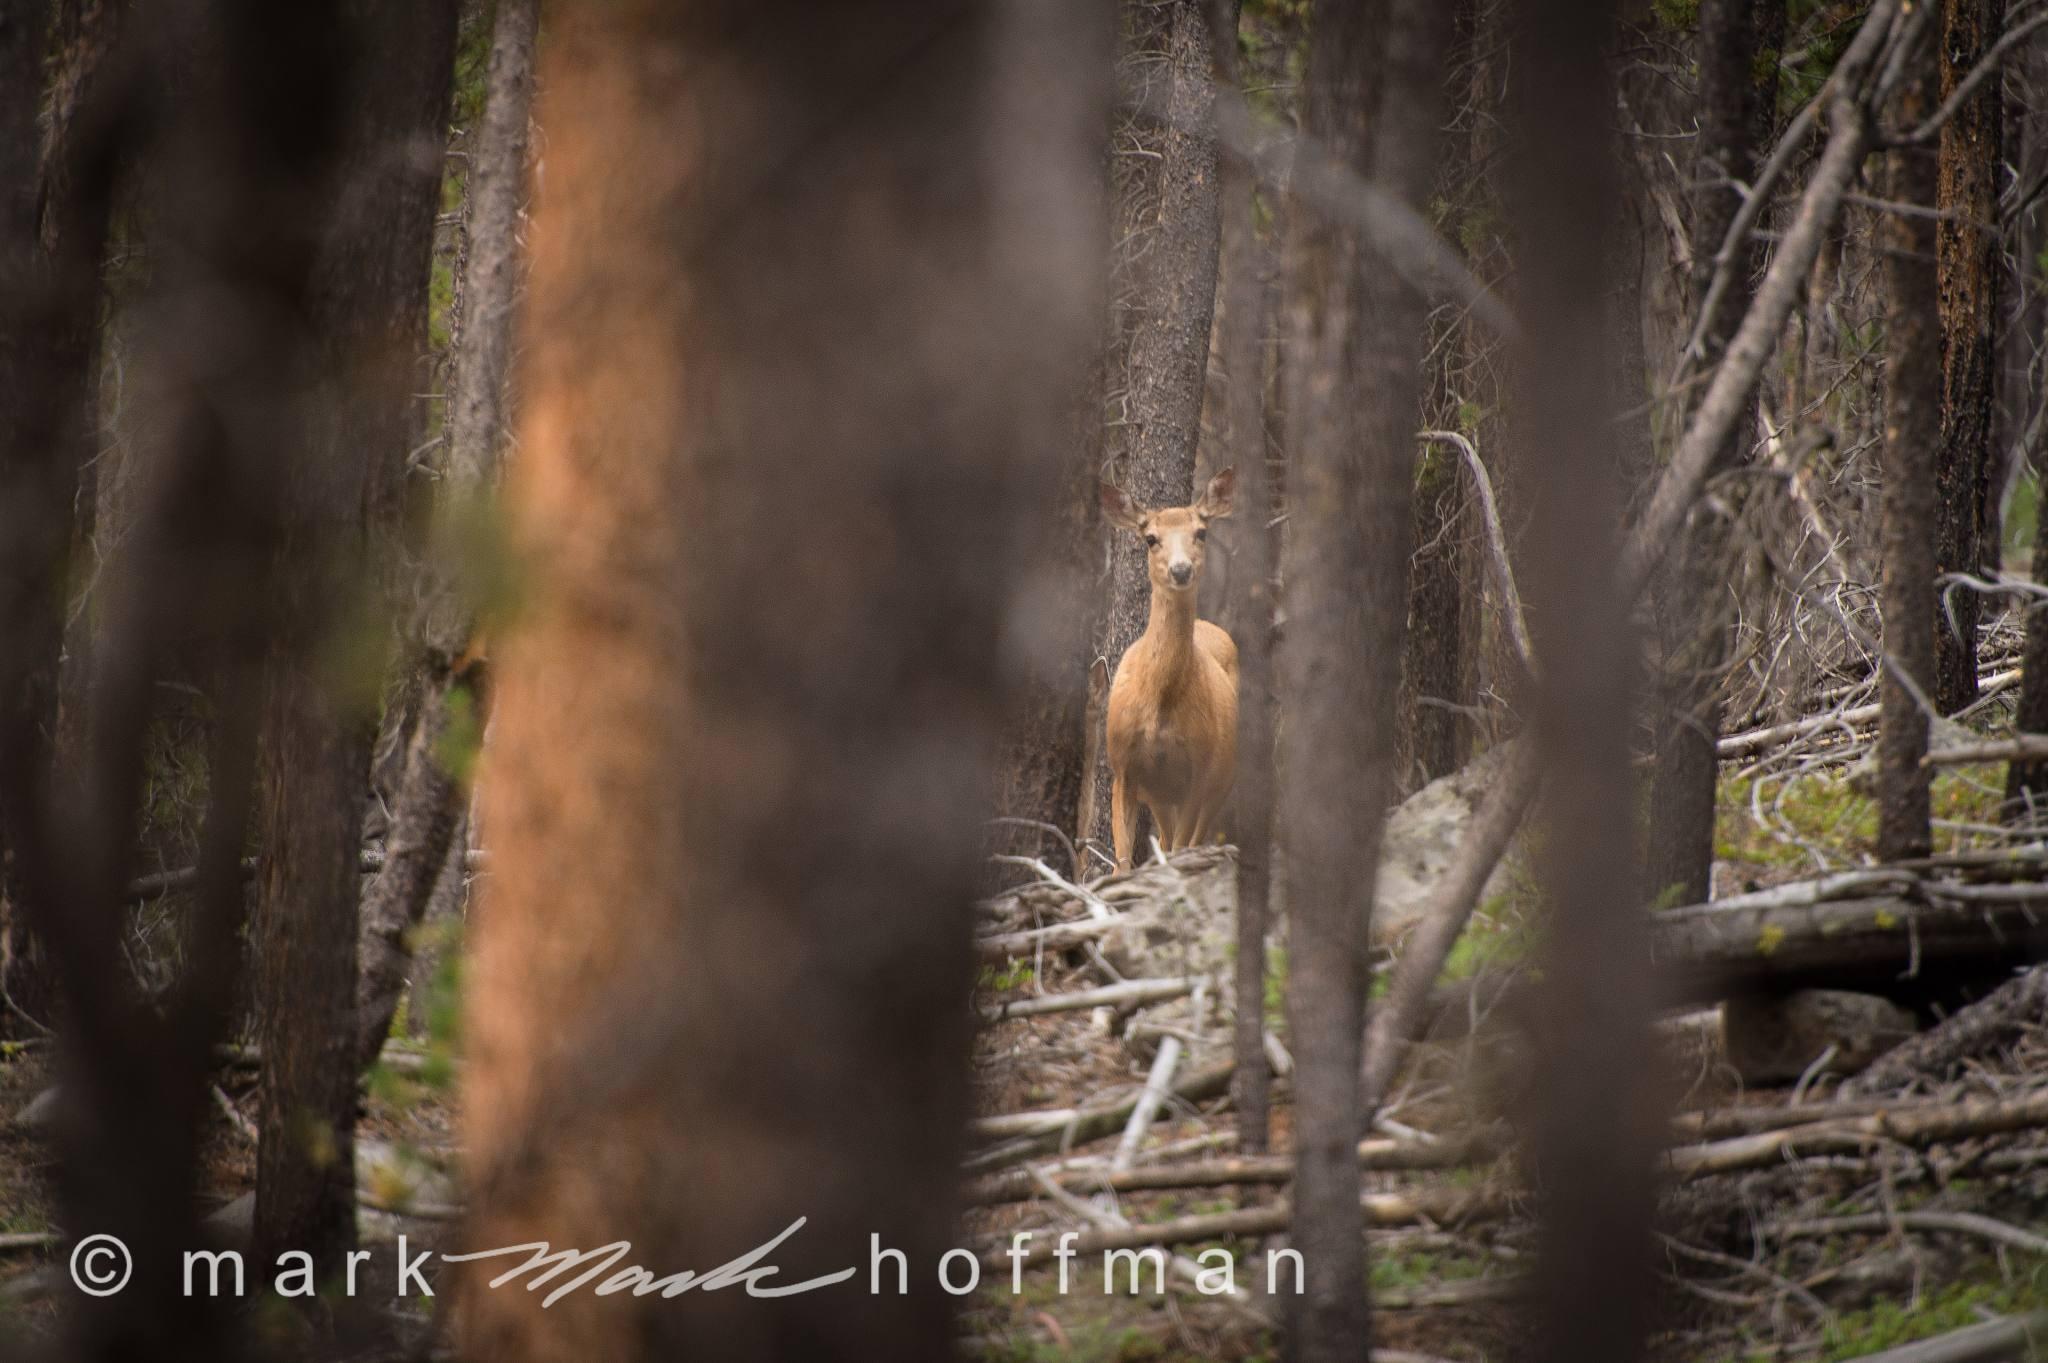 Mark_Hoffman_D4_20120815_0336_cap1_var1.jpg